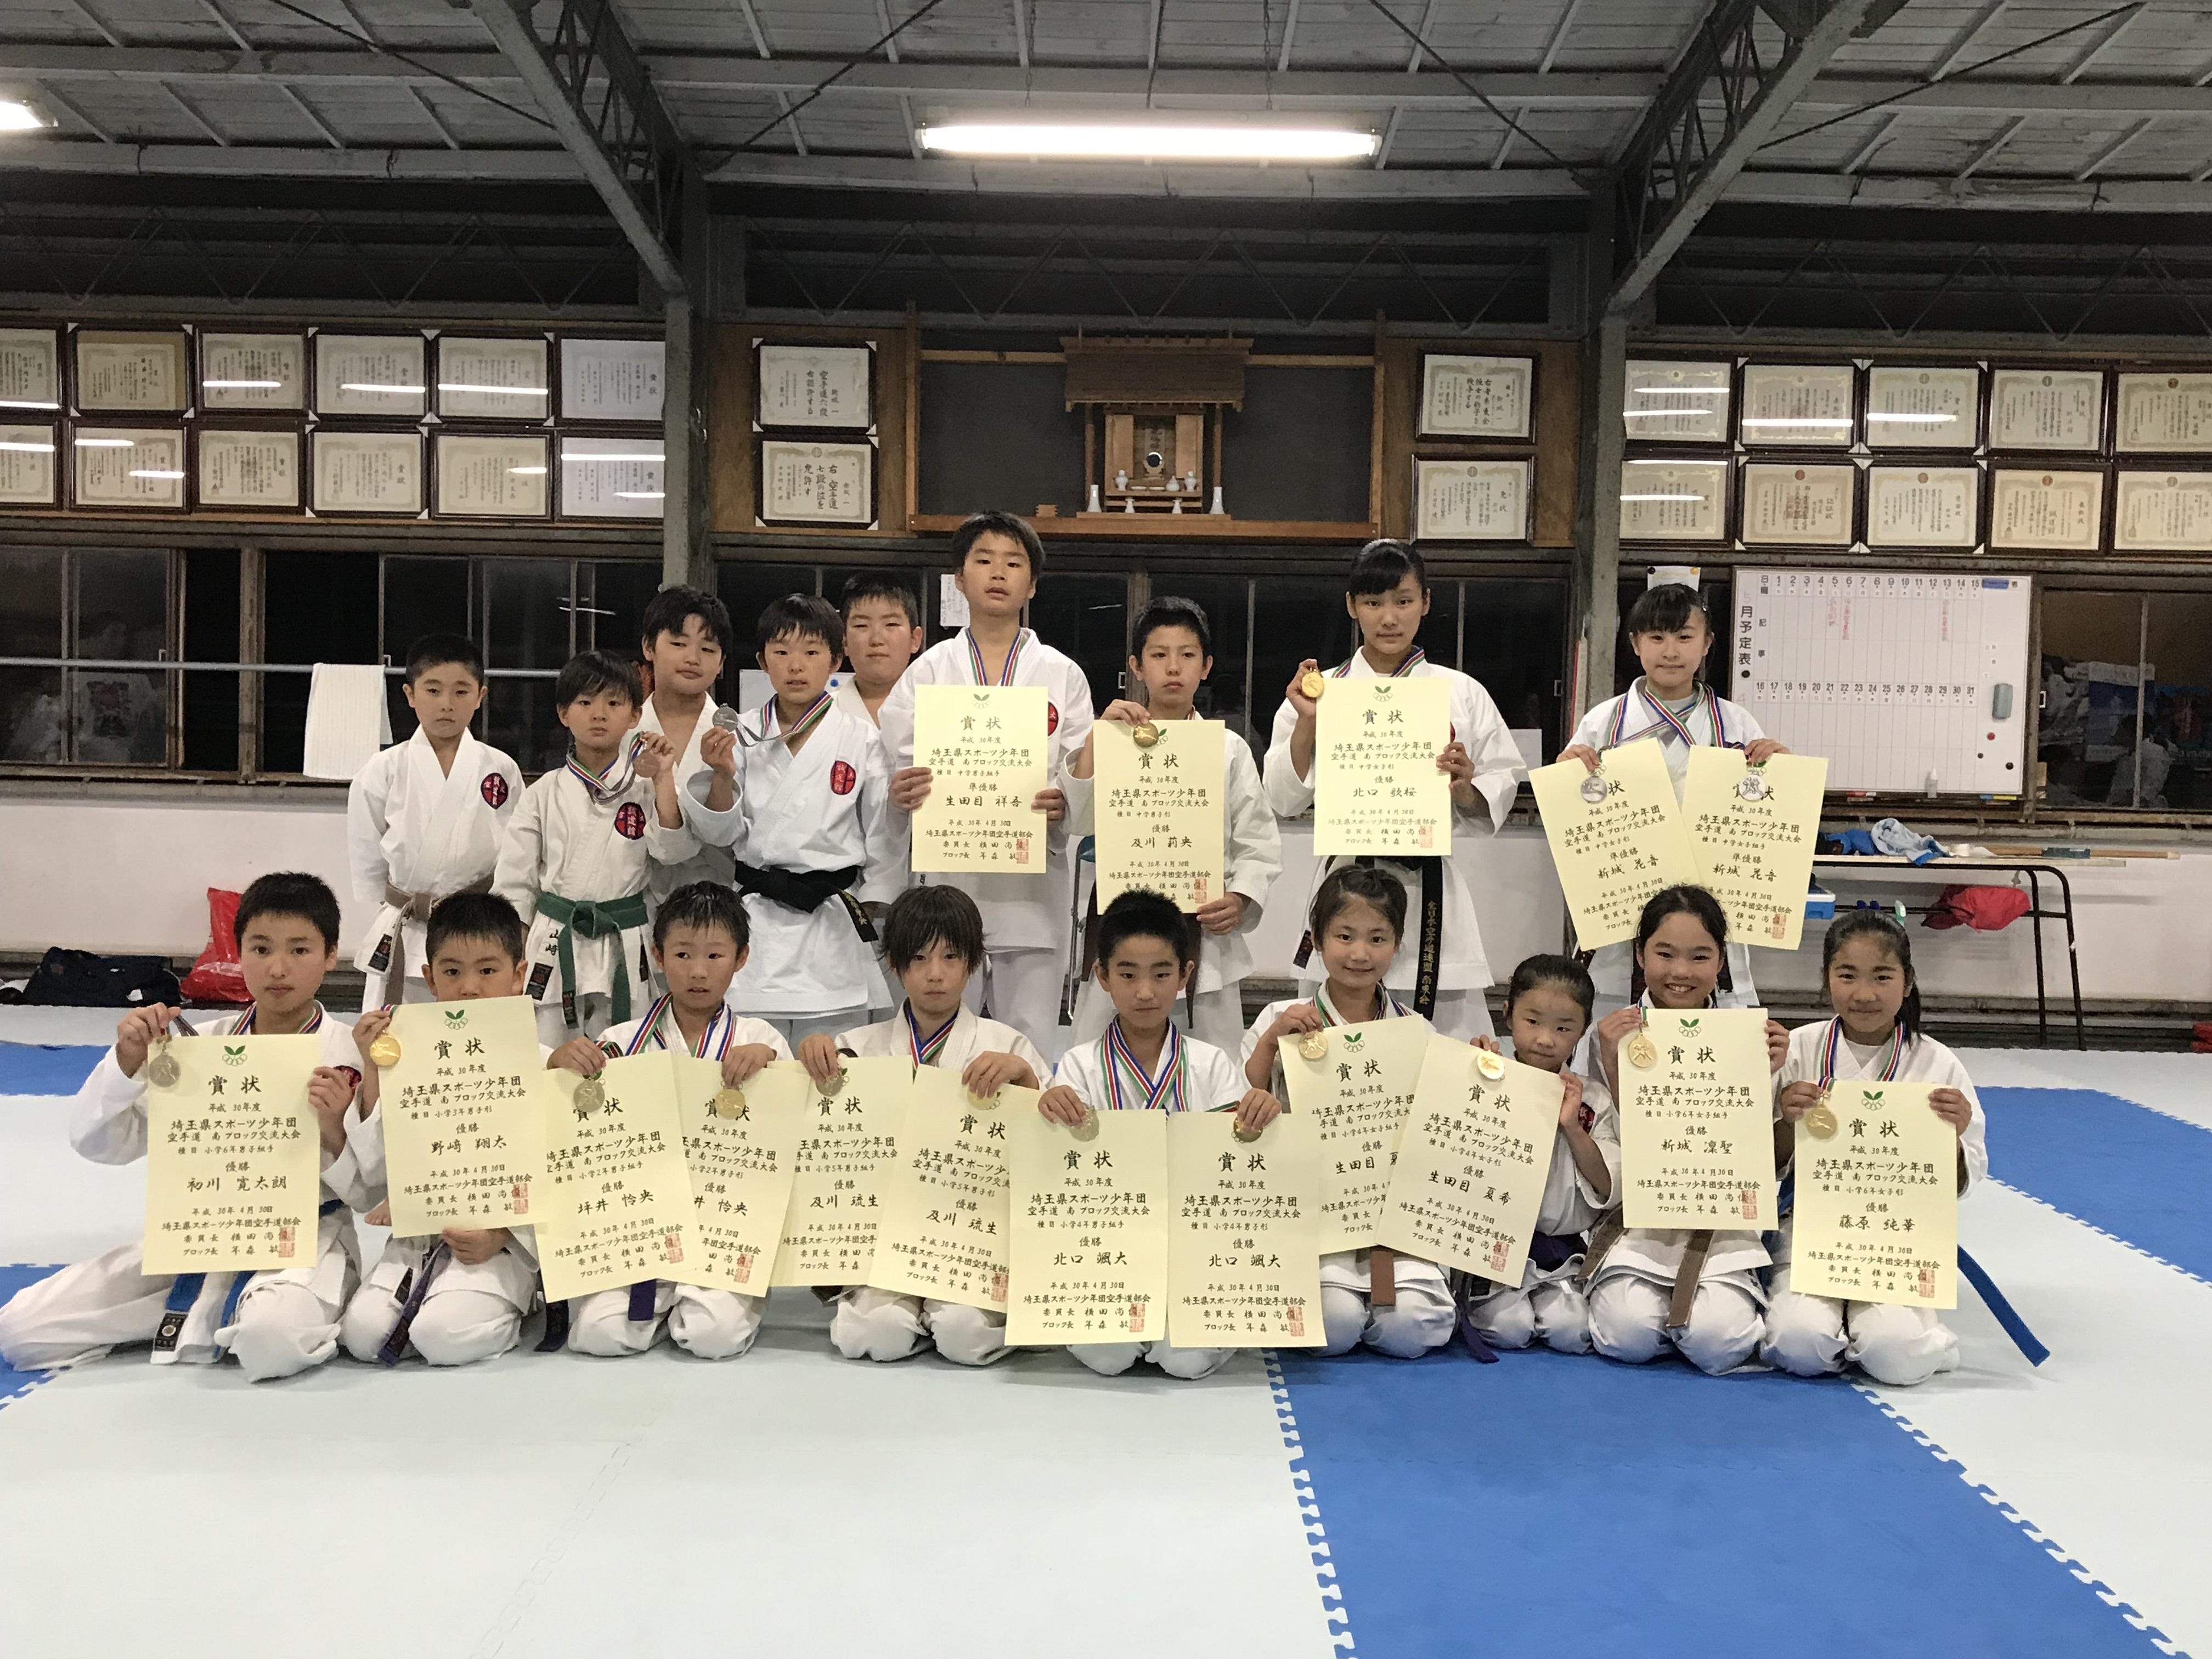 平成30年 埼玉県スポーツ少年団南ブロック大会